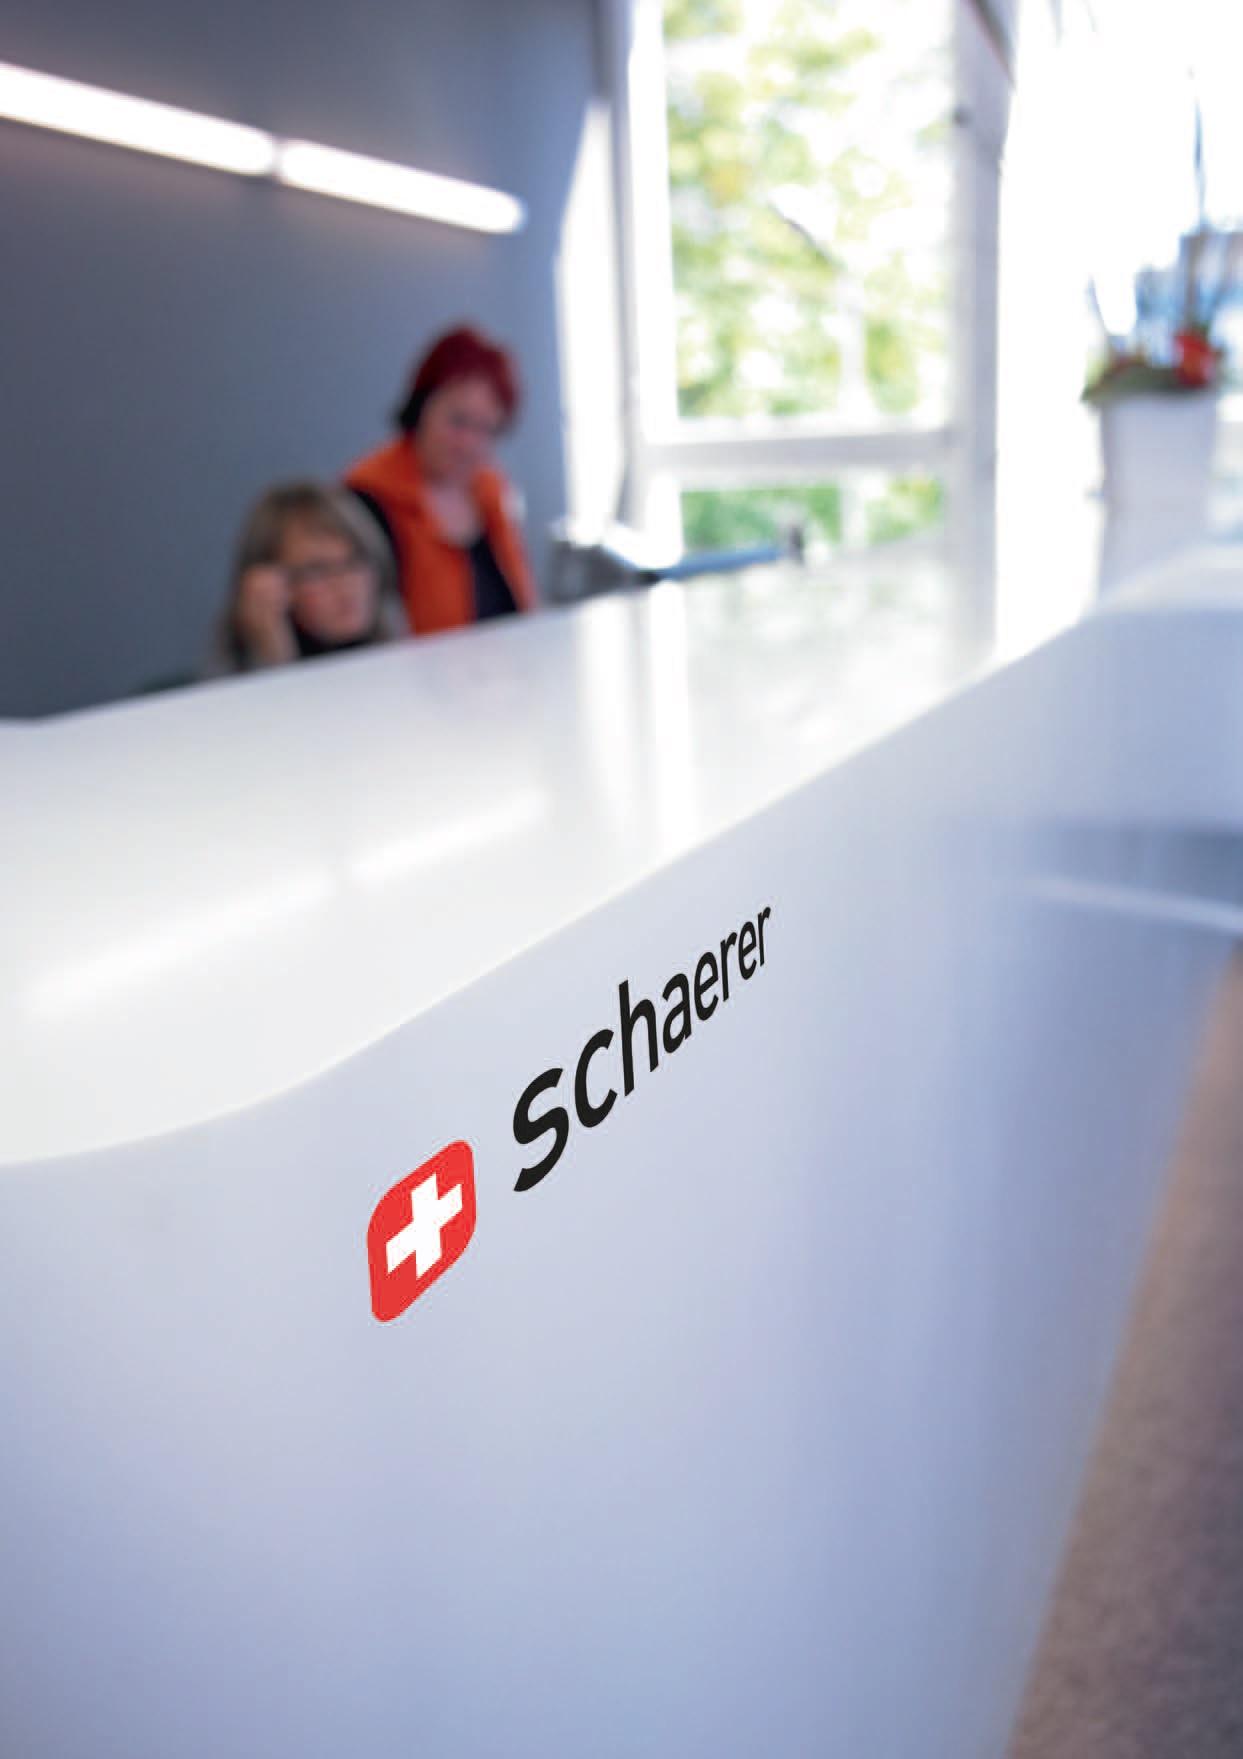 Schaerer1.jpg